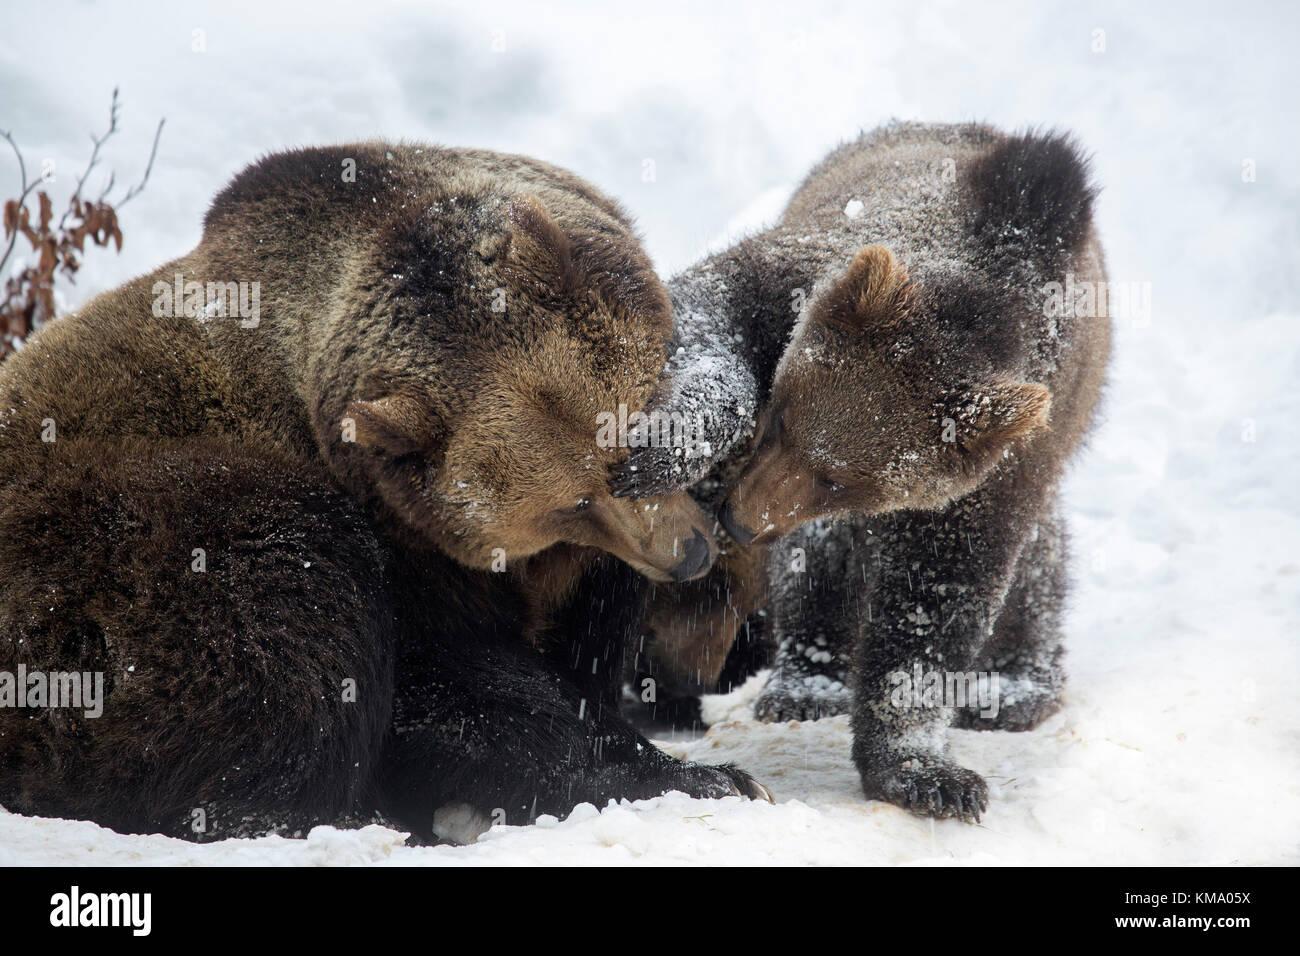 Mujer jugando con un año de edad cachorro de oso pardo (Ursus arctos arctos) en la nieve en invierno Imagen De Stock